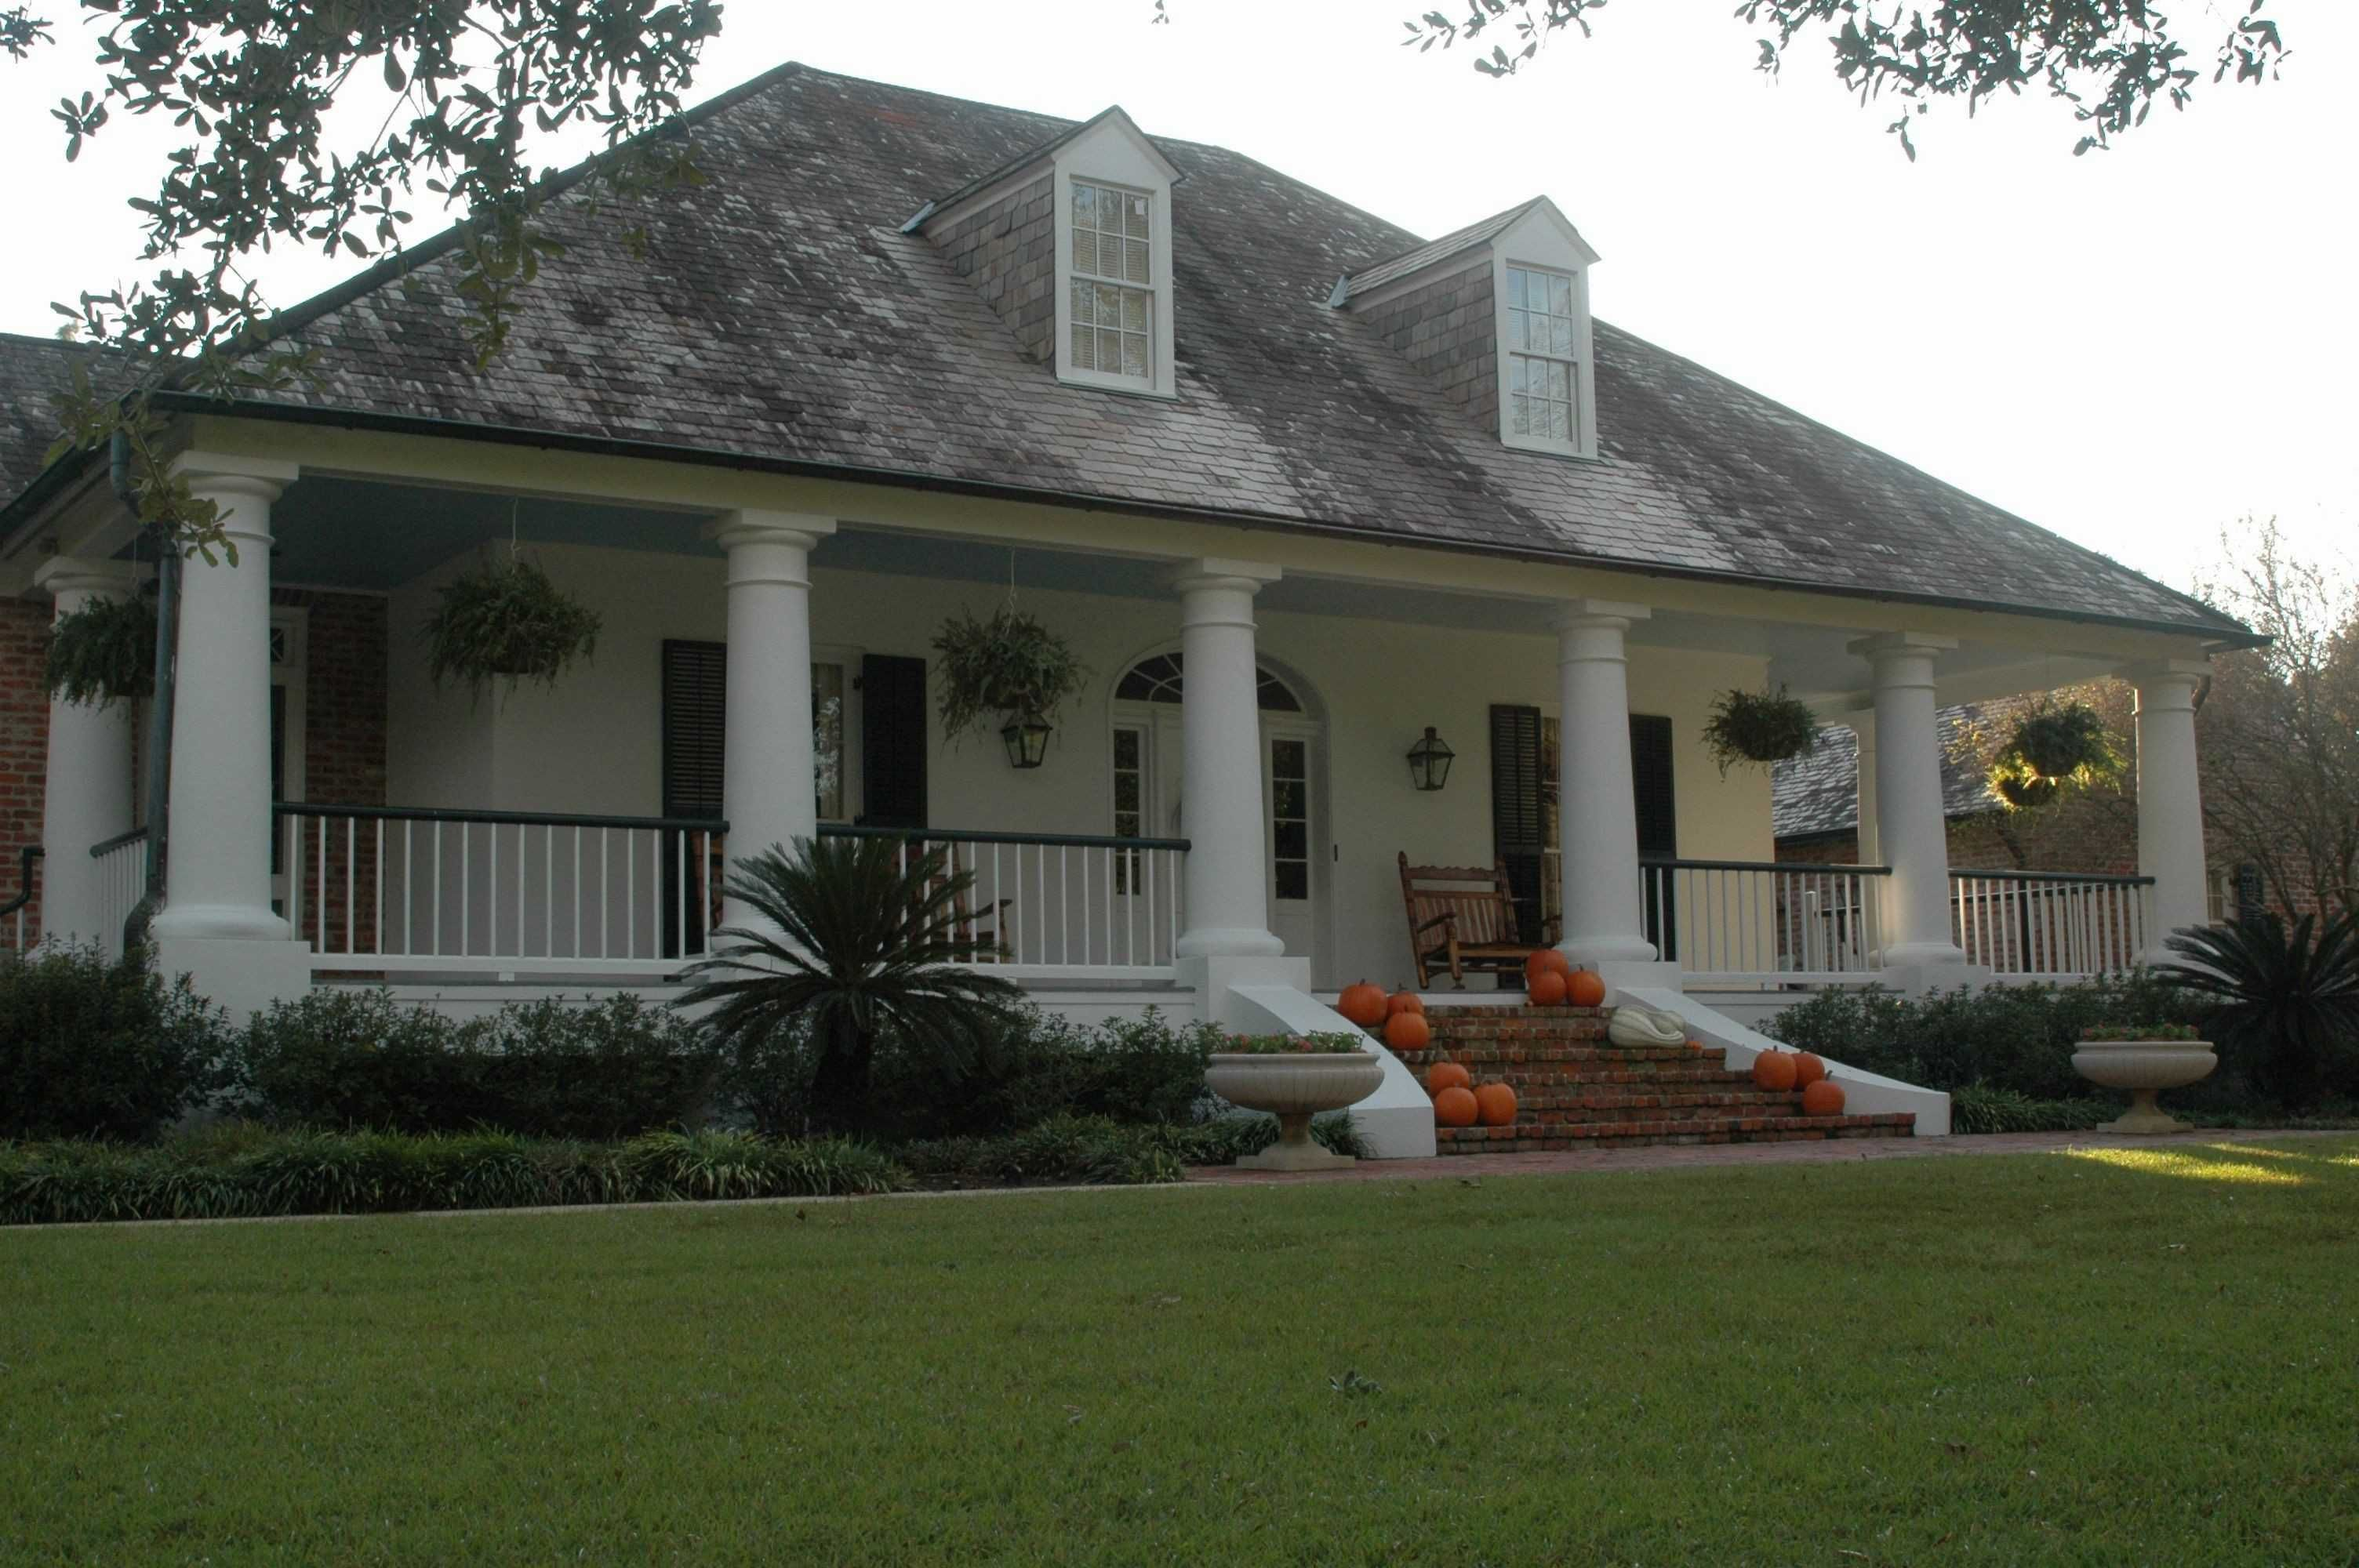 Country Style Wrap Around Porch Farmhouse Plans Elegant